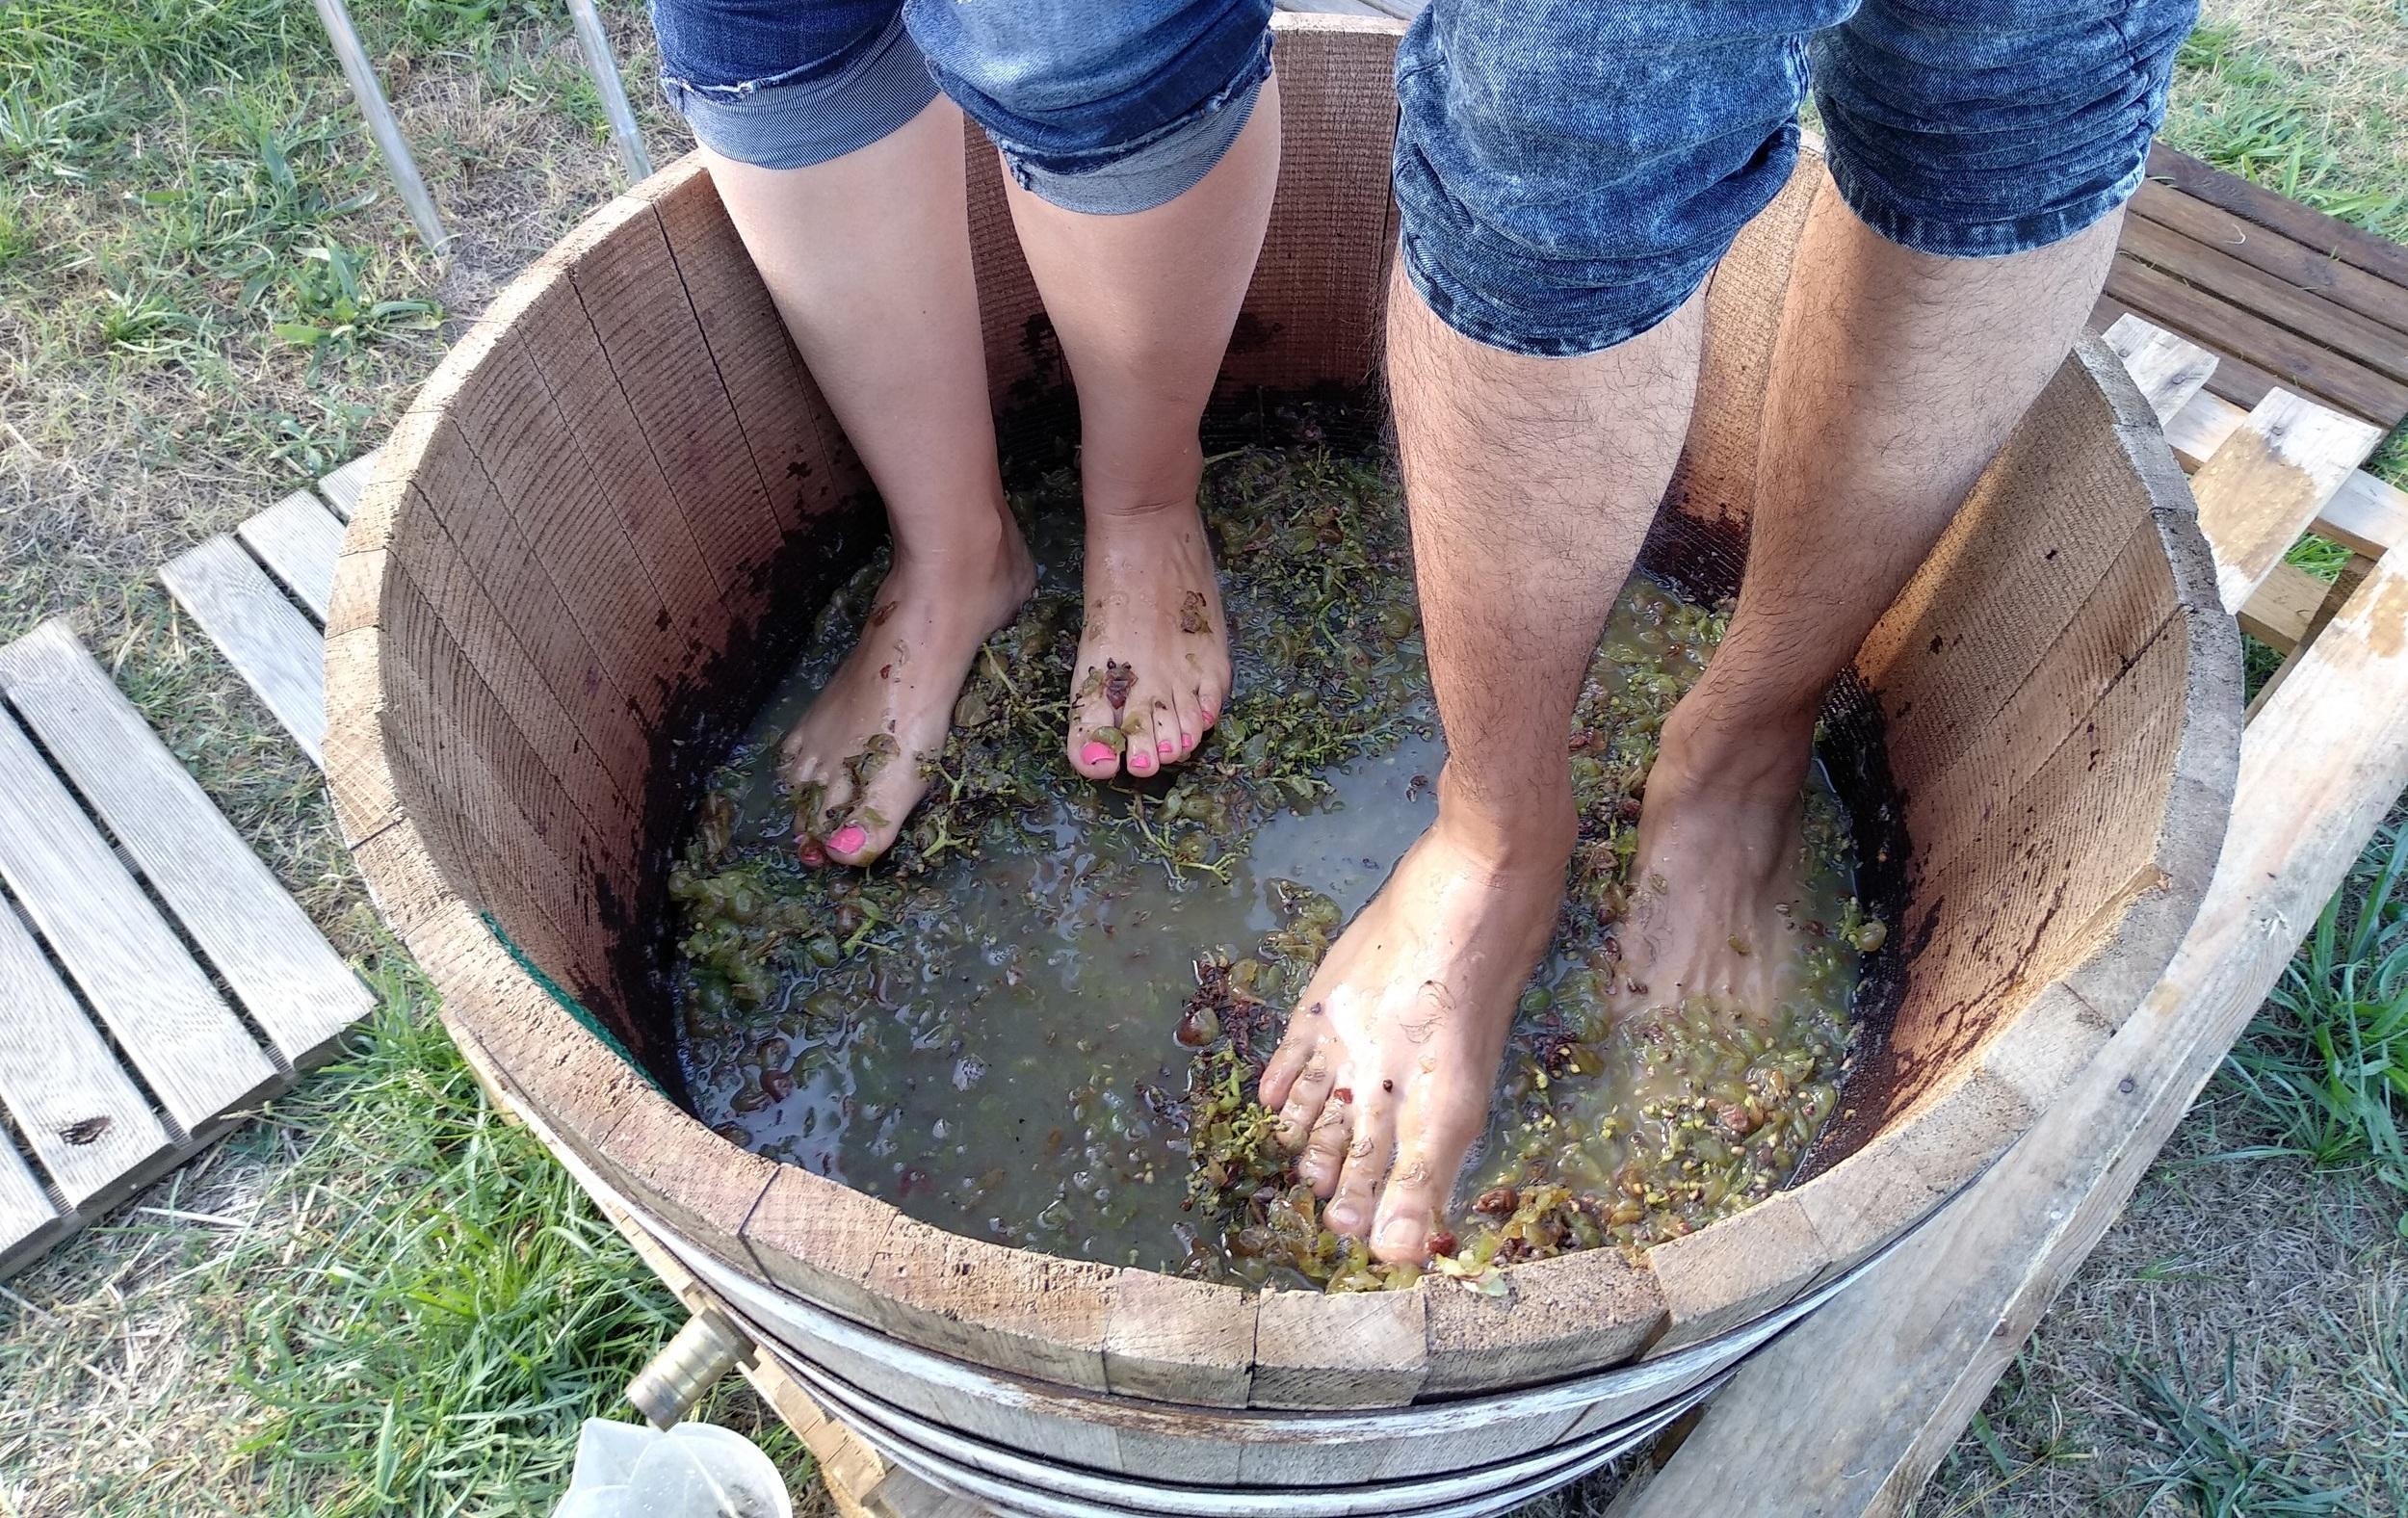 Activitats de verema - Durant el temps de verema, molts cellers a Catalunya ofereixen una infinitat d'activitats...- Recull el raïm i participa del procés de producció com es feia antigament... trepitjant-lo- Tast de most: visita un celler local, les seves vinyes i la zona de dipòsit on fermenten. Podreu degustar diferents tipus de mosts, conèixer les seves varietats, gustos i olors i diferenciar quines es destinen al vi i quines al cava.- Tast del raïm entre vinyes: passeig per la finca per tastar les varietats de raïm directament de les vinyes on creixen.Temporada des de finals d'agost a octubrePreu: des de 25 € per persona